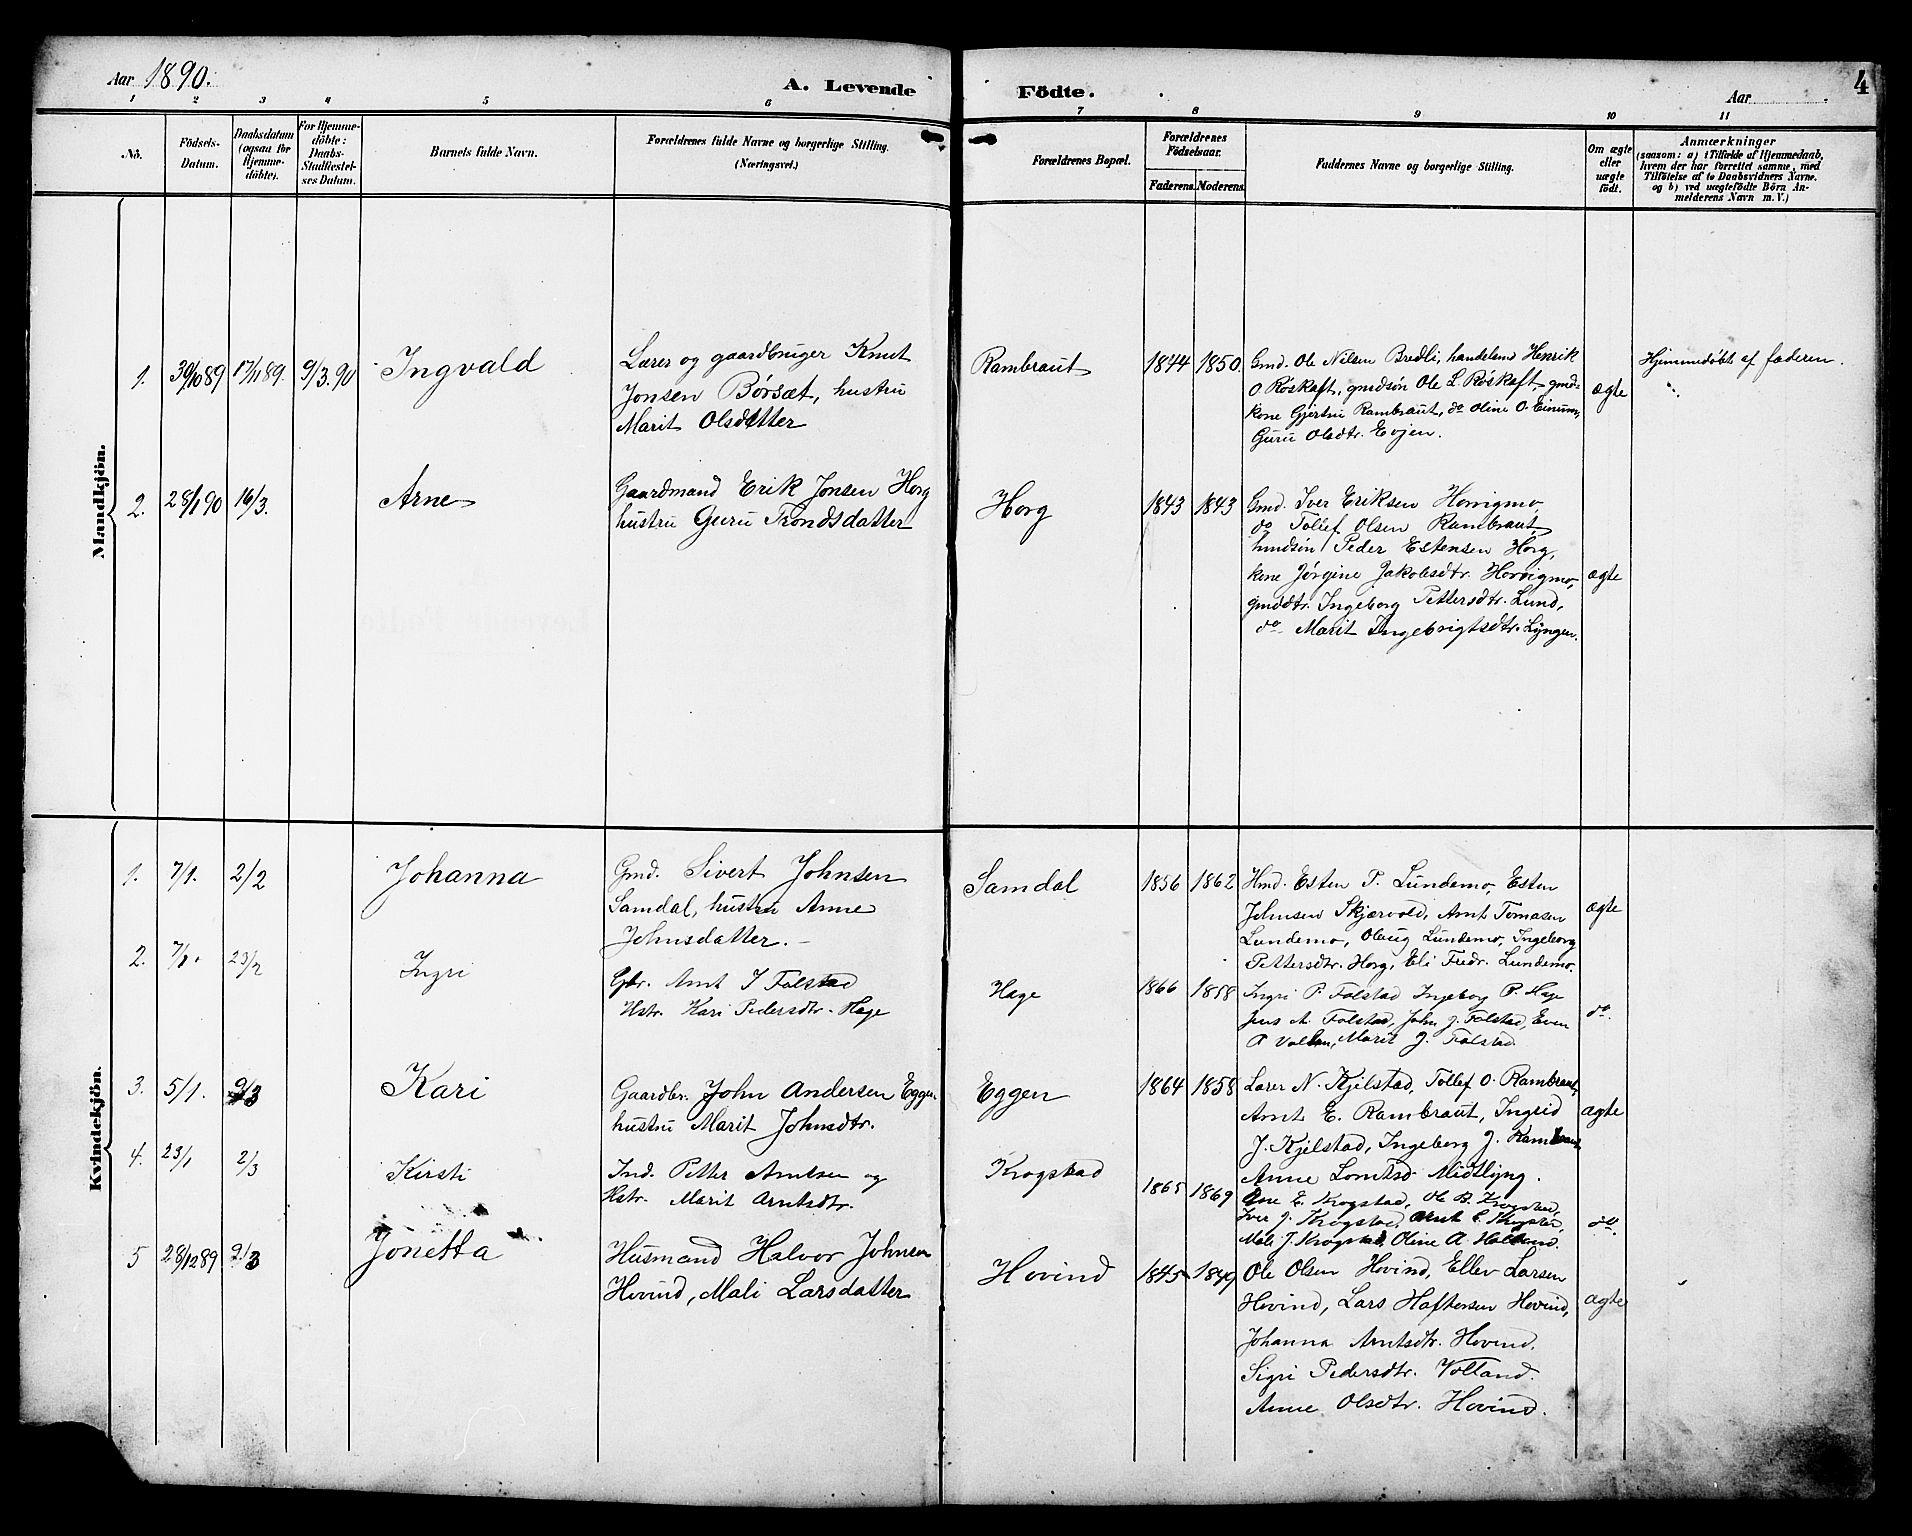 SAT, Ministerialprotokoller, klokkerbøker og fødselsregistre - Sør-Trøndelag, 692/L1111: Klokkerbok nr. 692C06, 1890-1904, s. 4